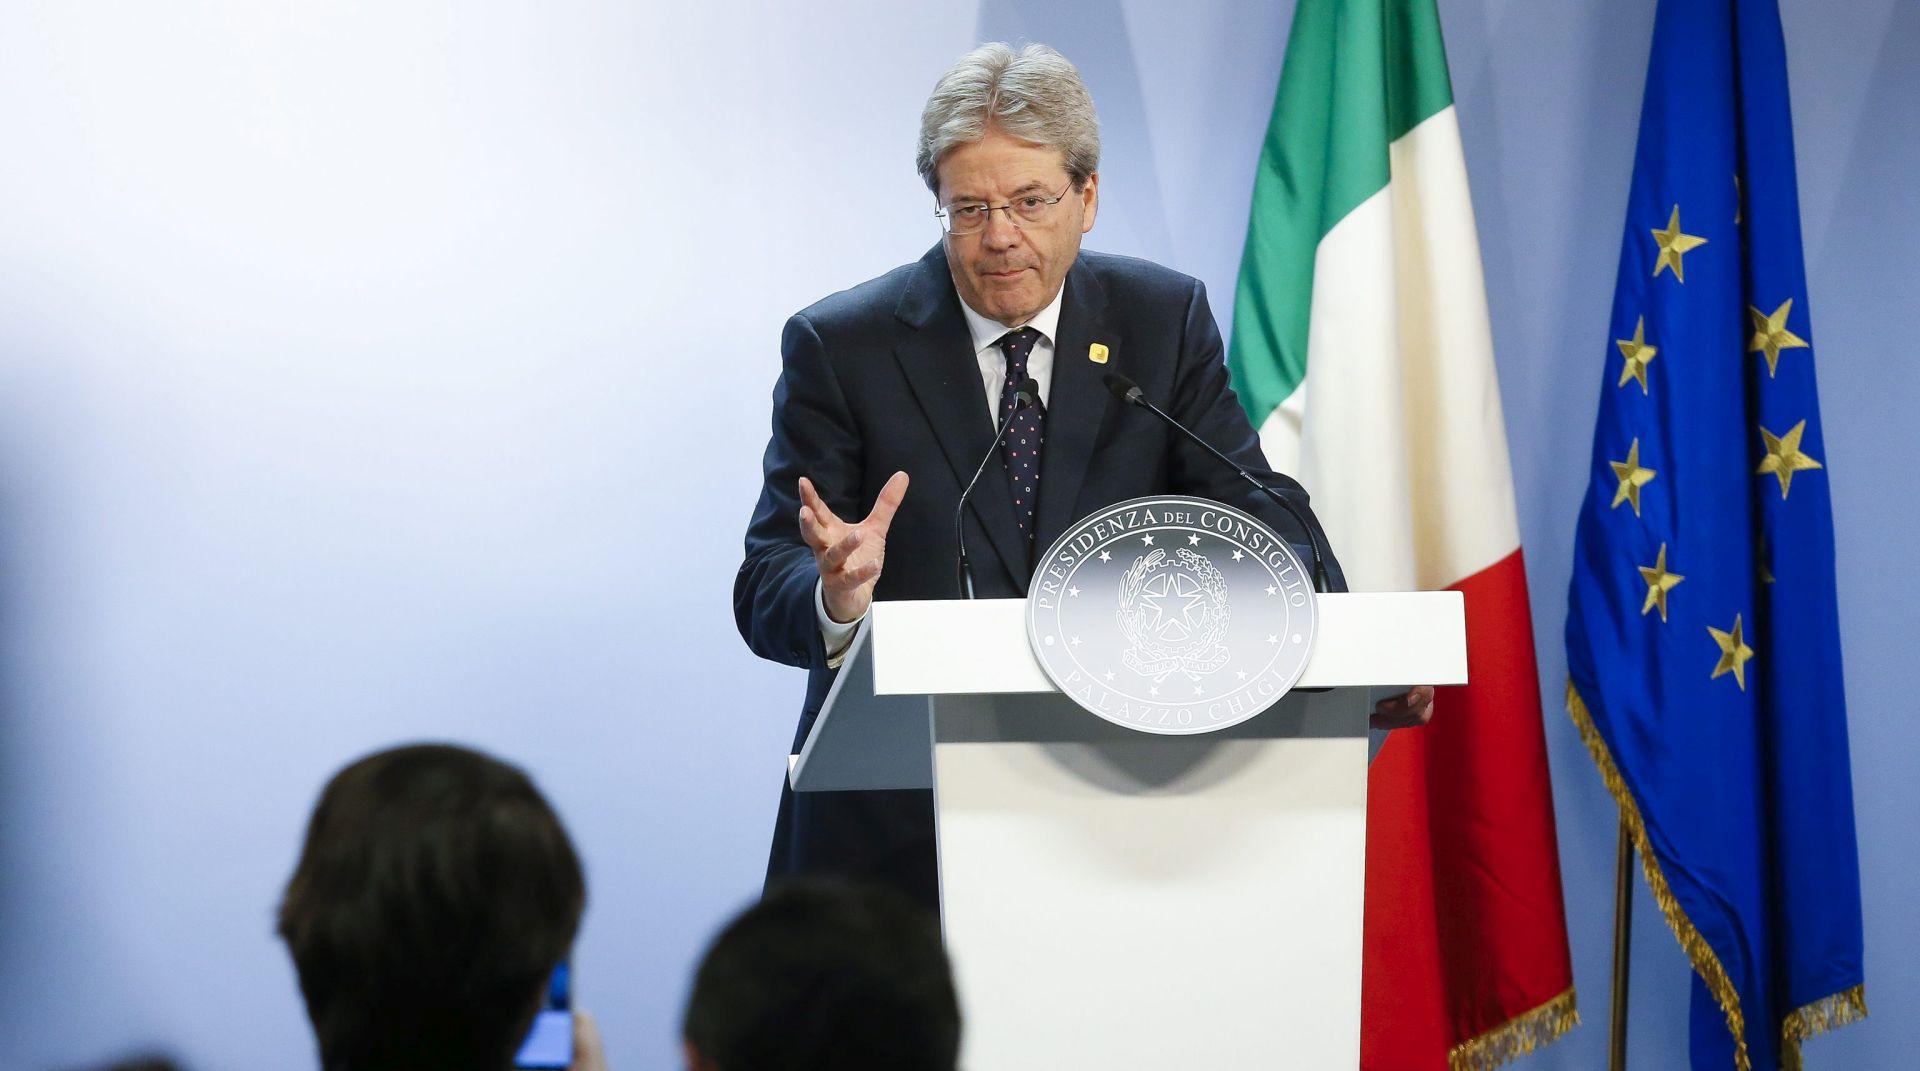 Italija smatra da je EU 'zaista prespora' u odgovoru na migrantsku krizu